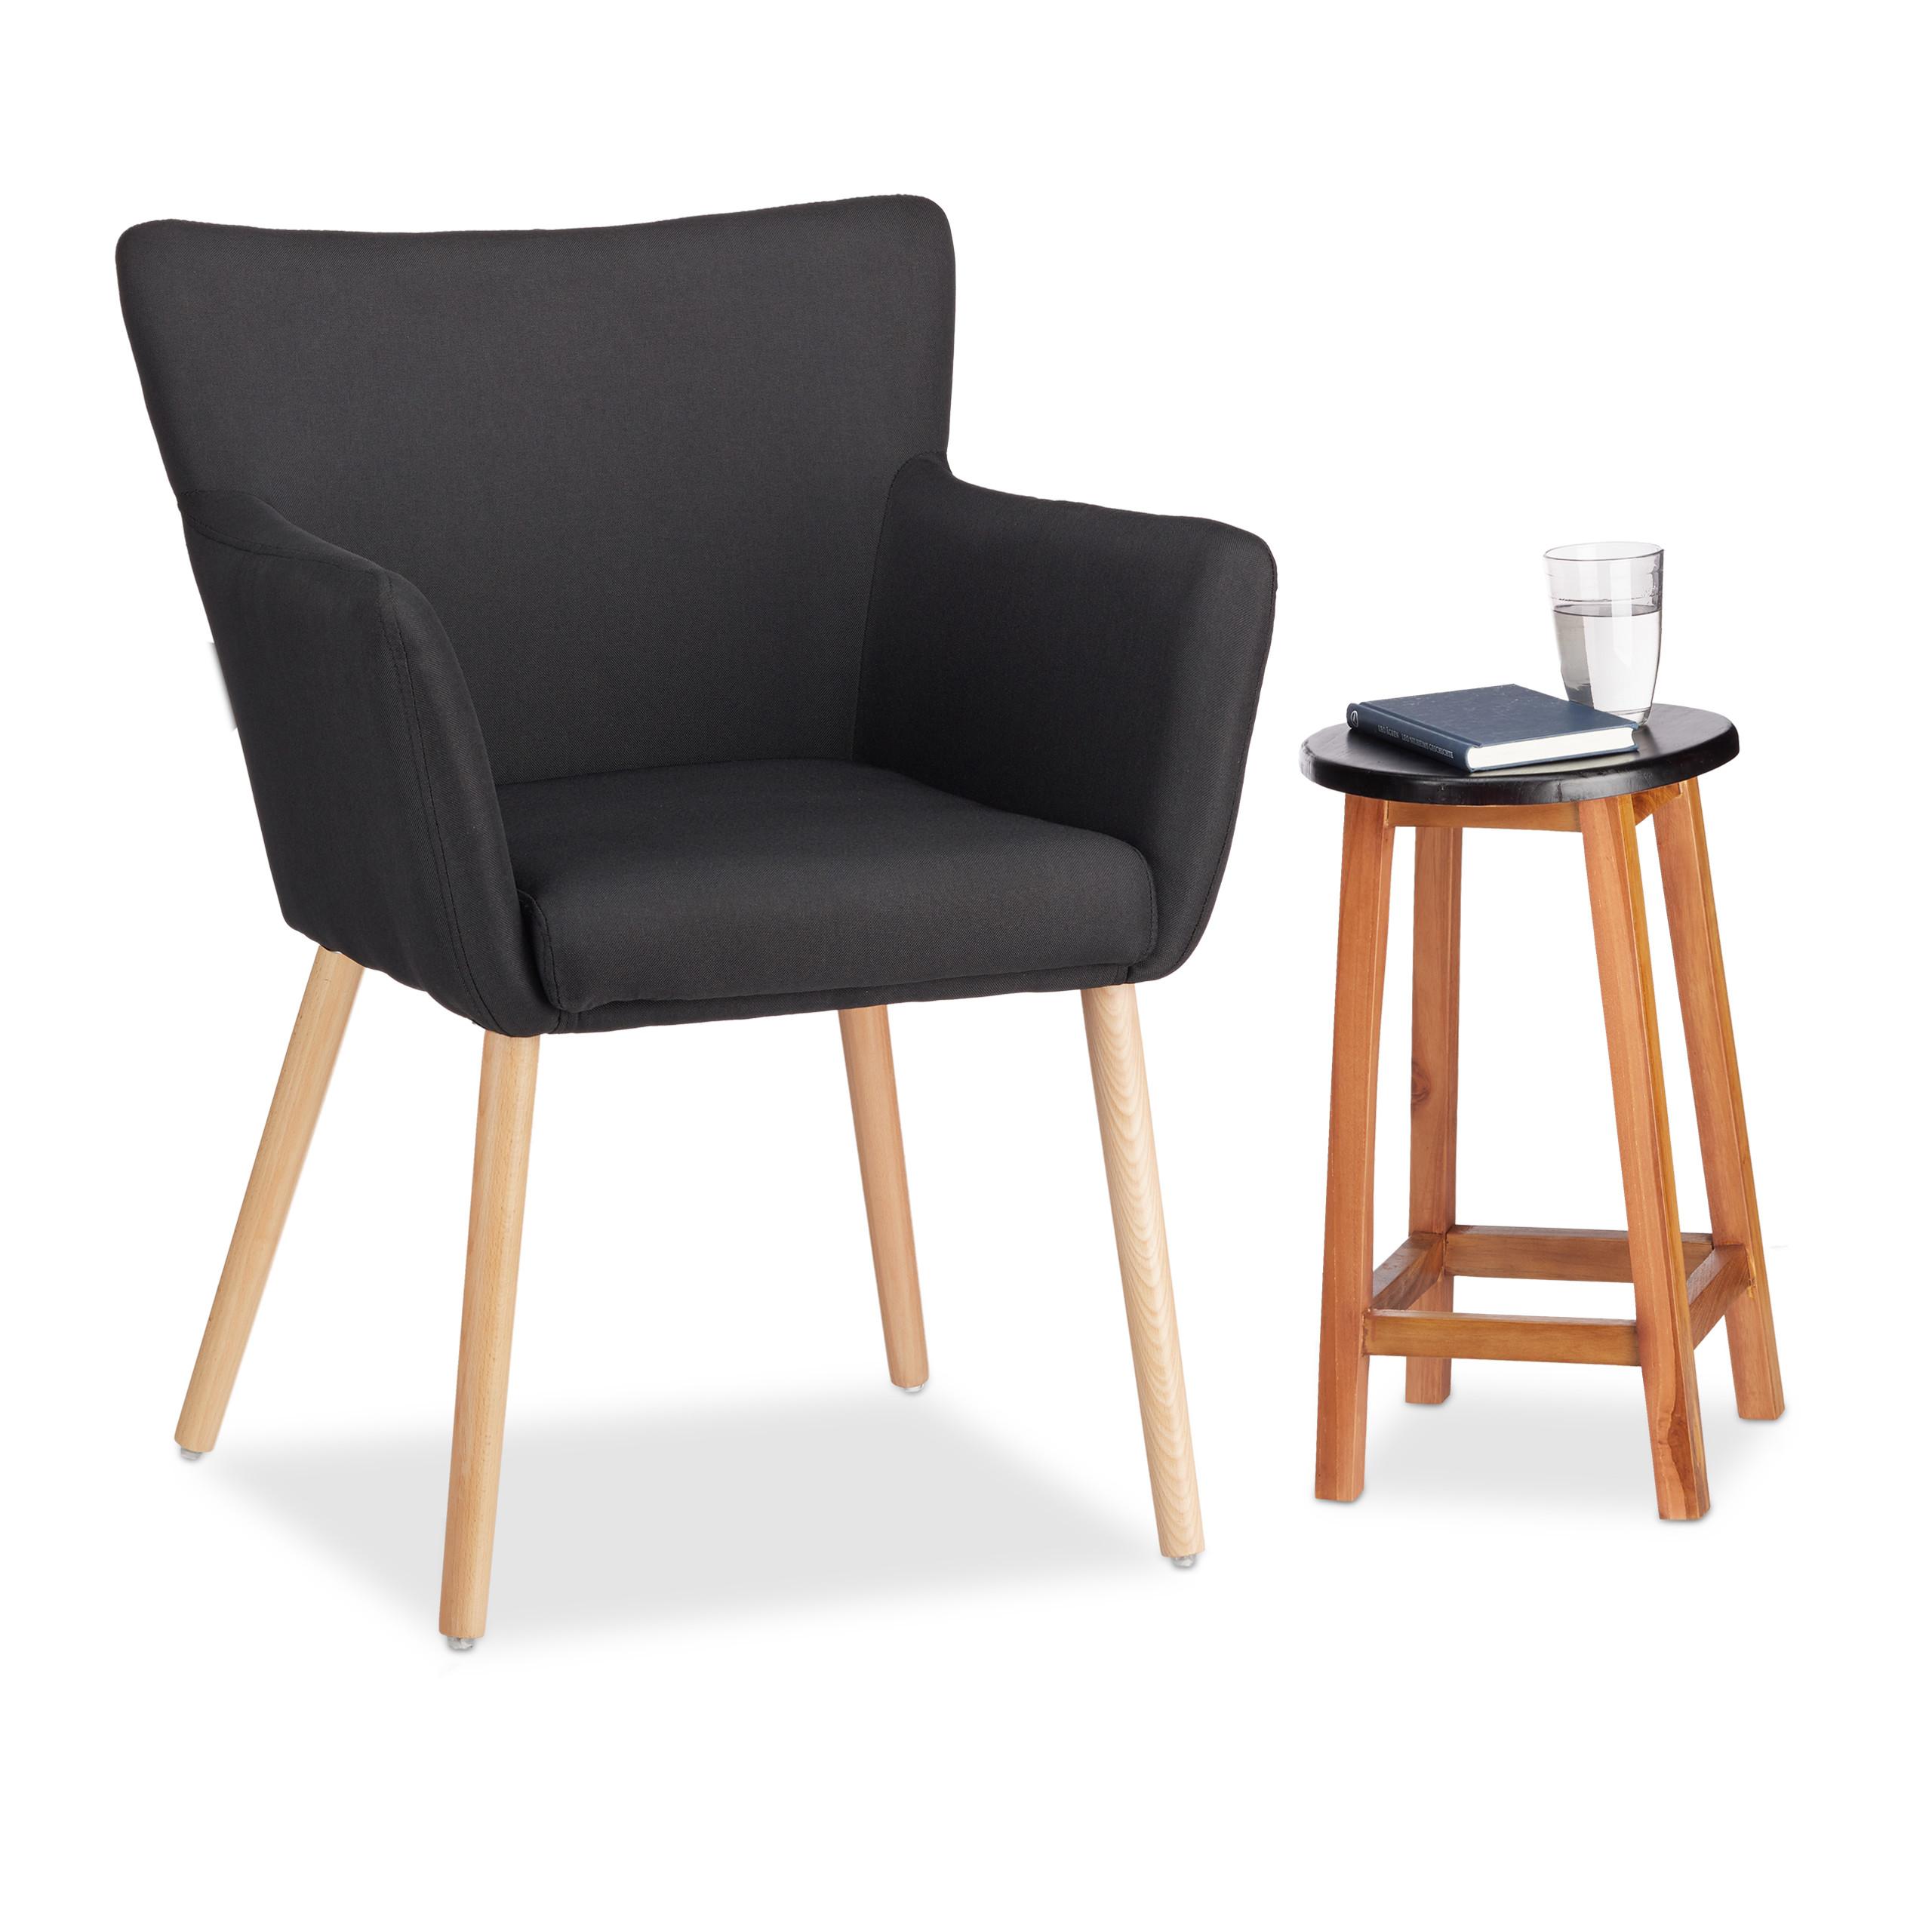 Sedia imbottita design moderno poltrona relax per locale lounge in ...